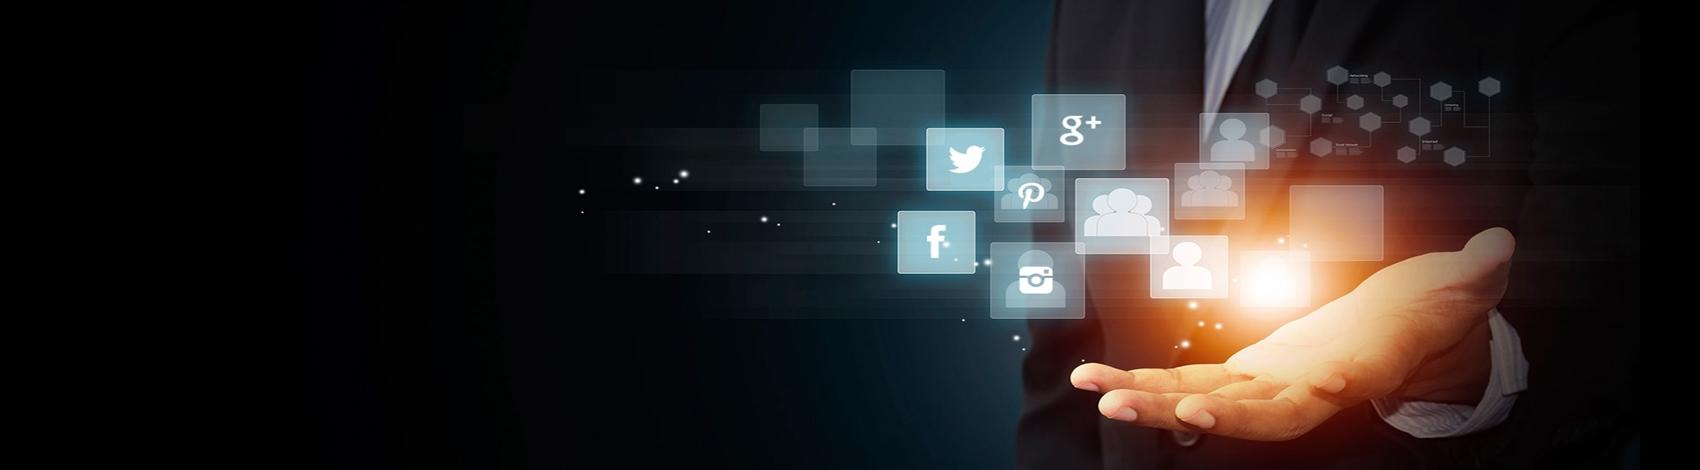 social media Slider